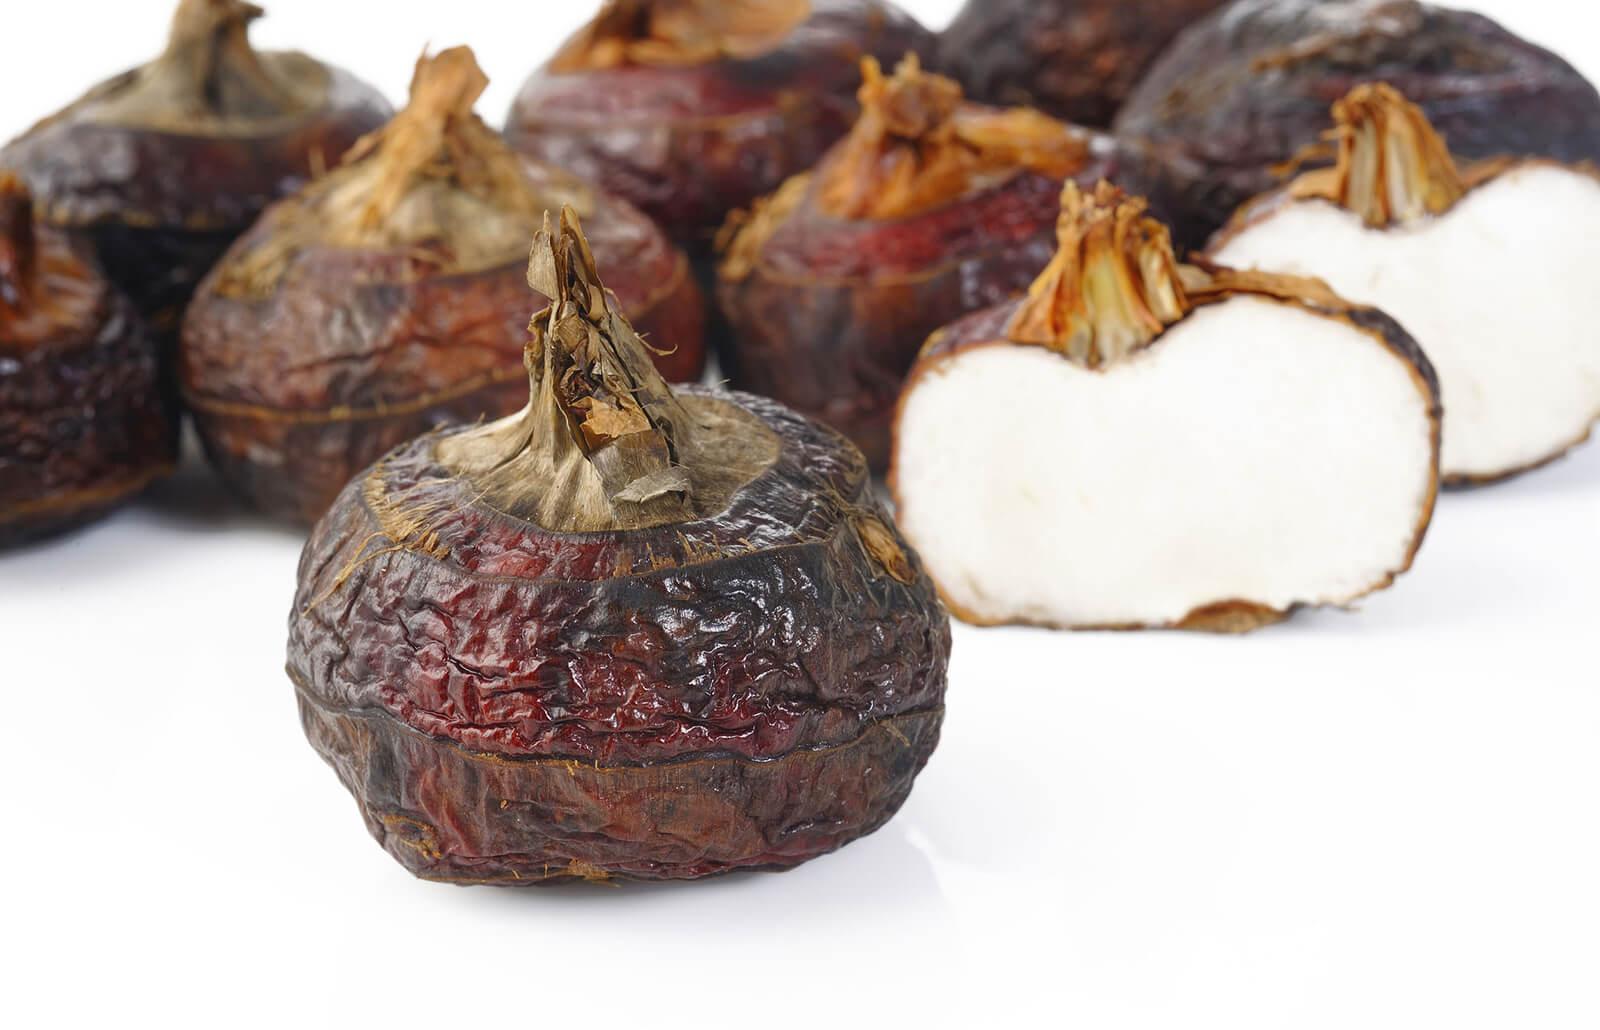 245626-1600x1030-water-chestnut.jpg